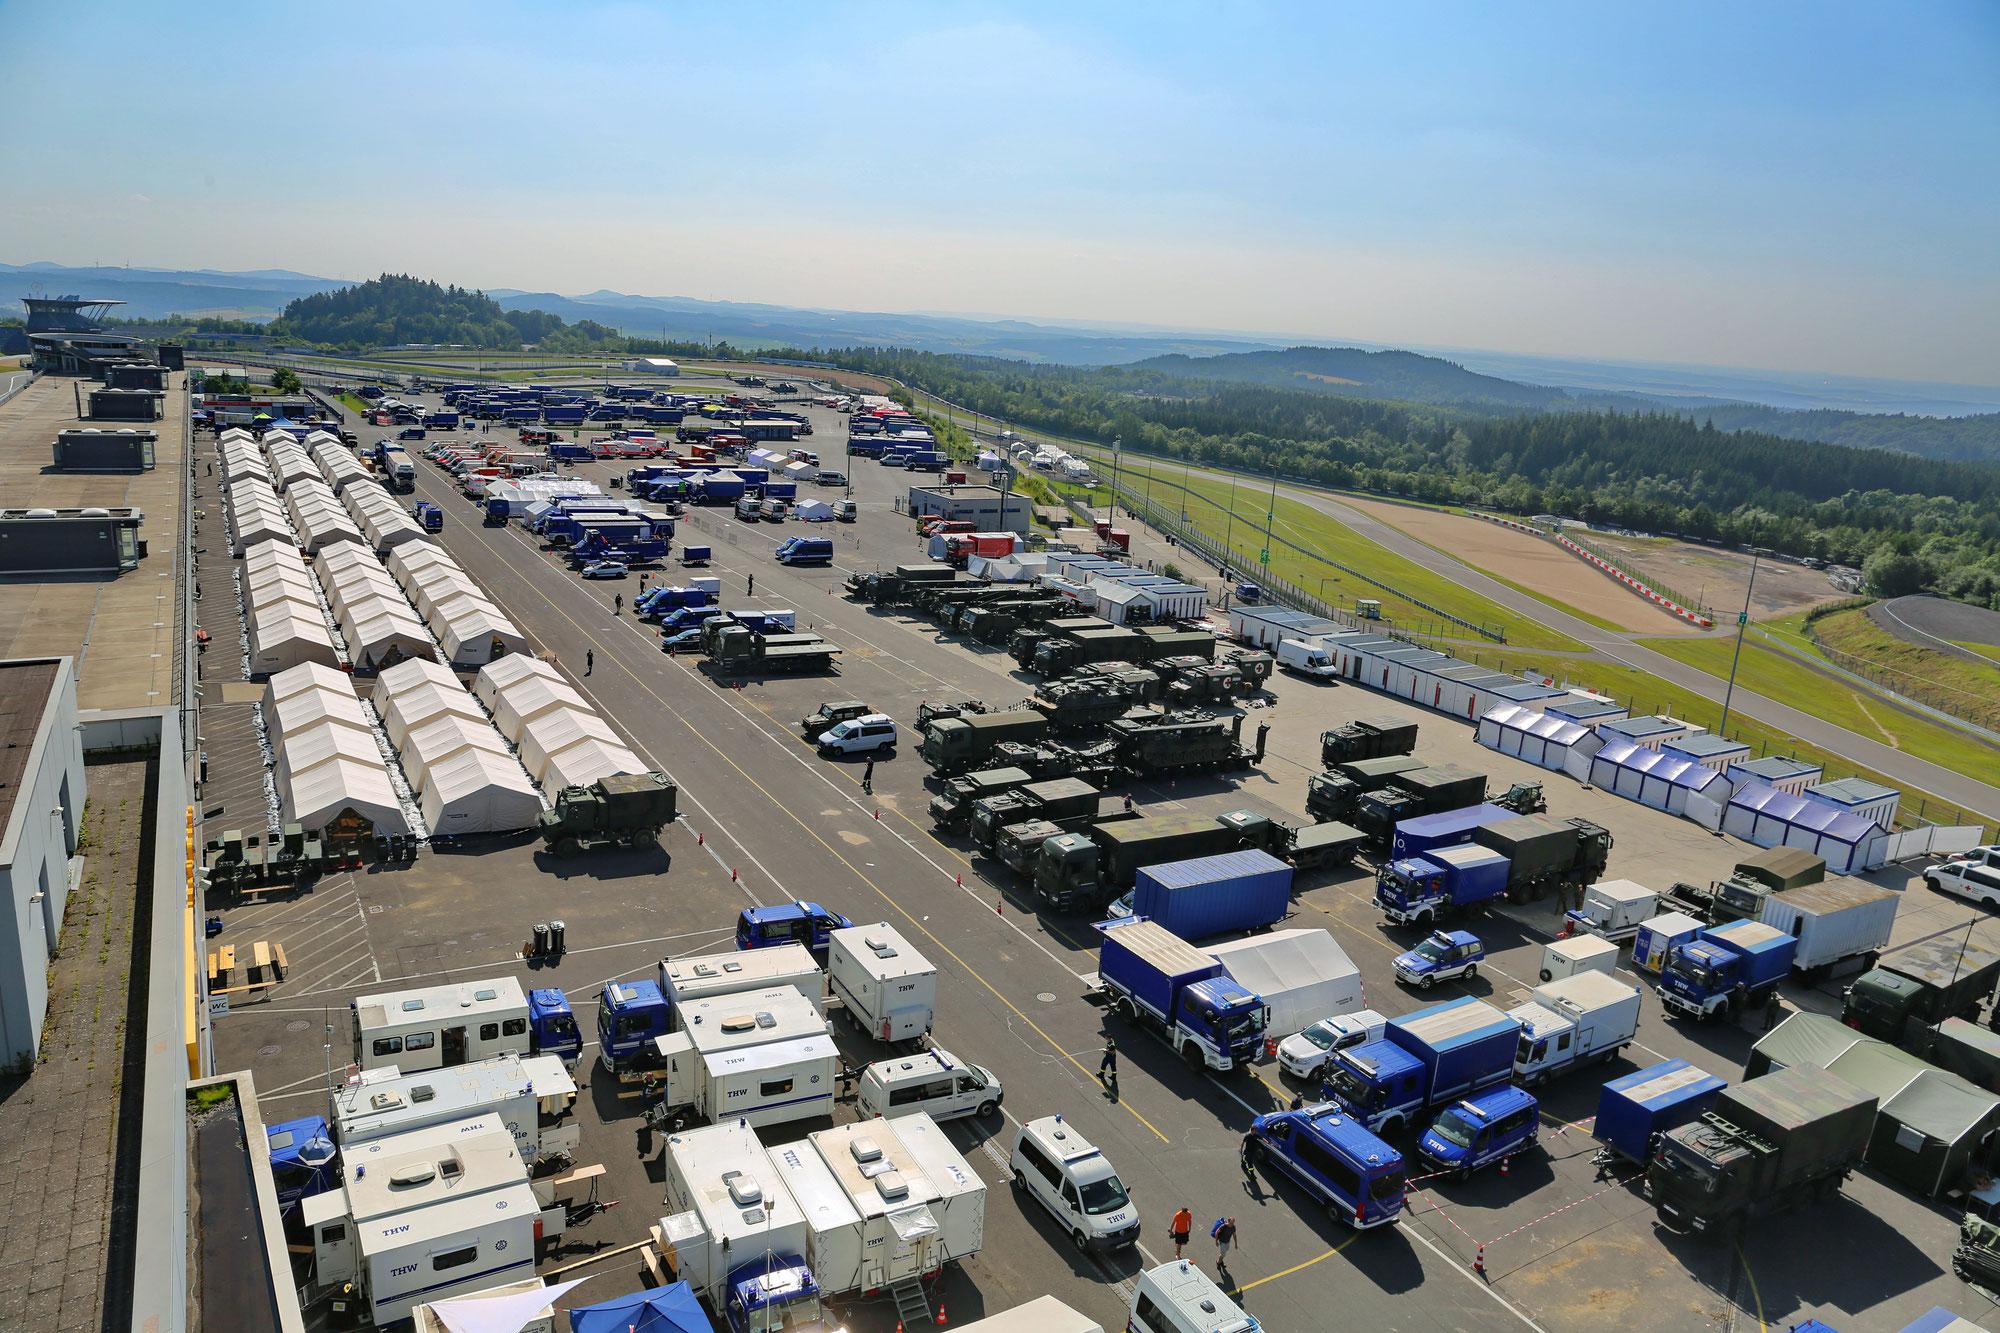 Nürburgring derzeit Basis für Einsatzkräfte: Wochenend-Veranstaltungen bis 8. August abgesagt